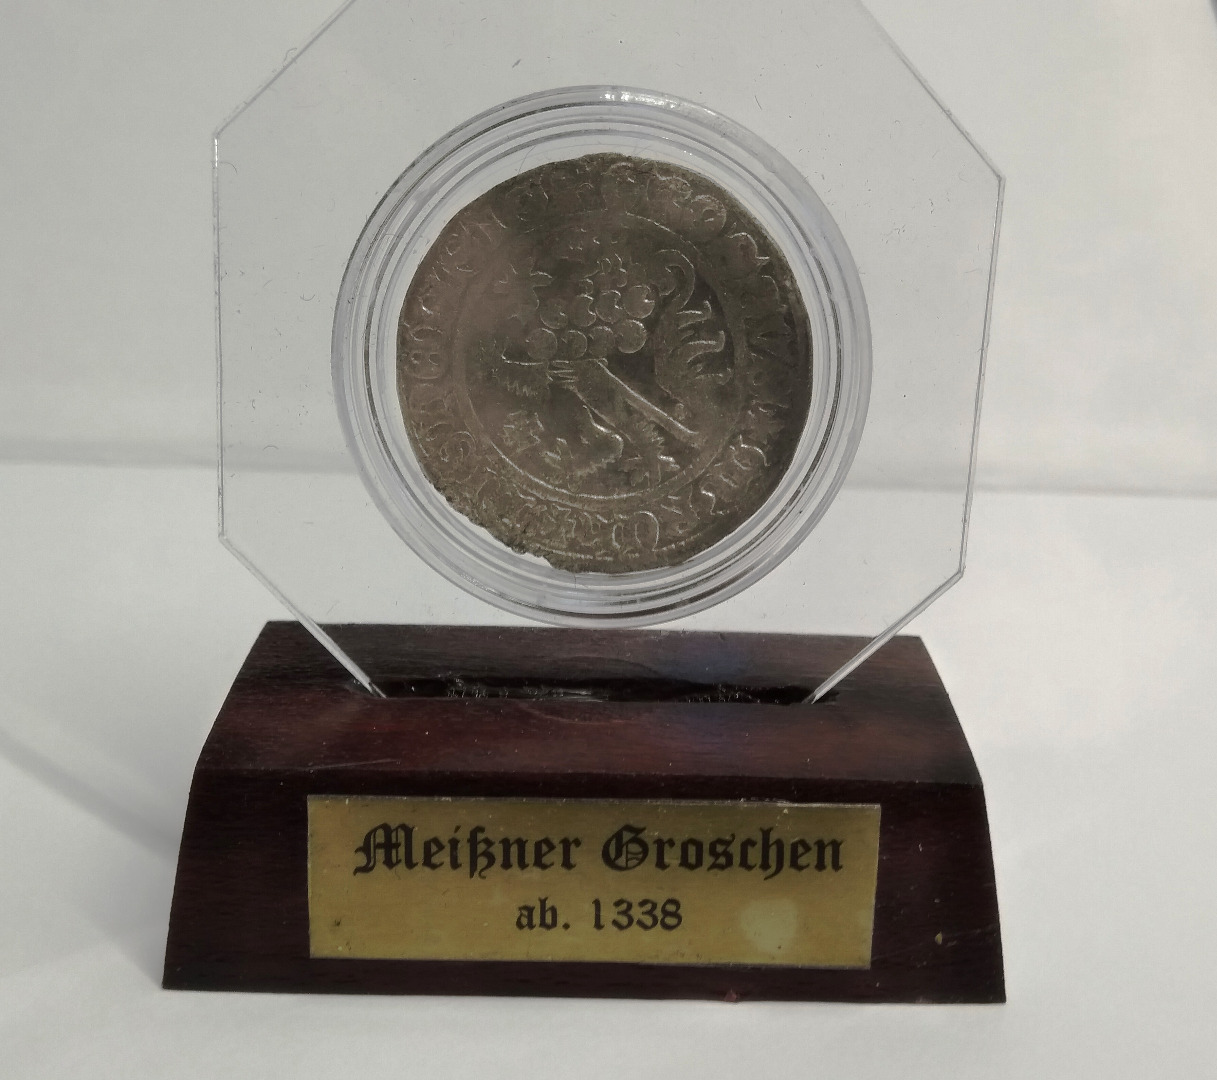 Münzaufsteller_Geschenk.jpg